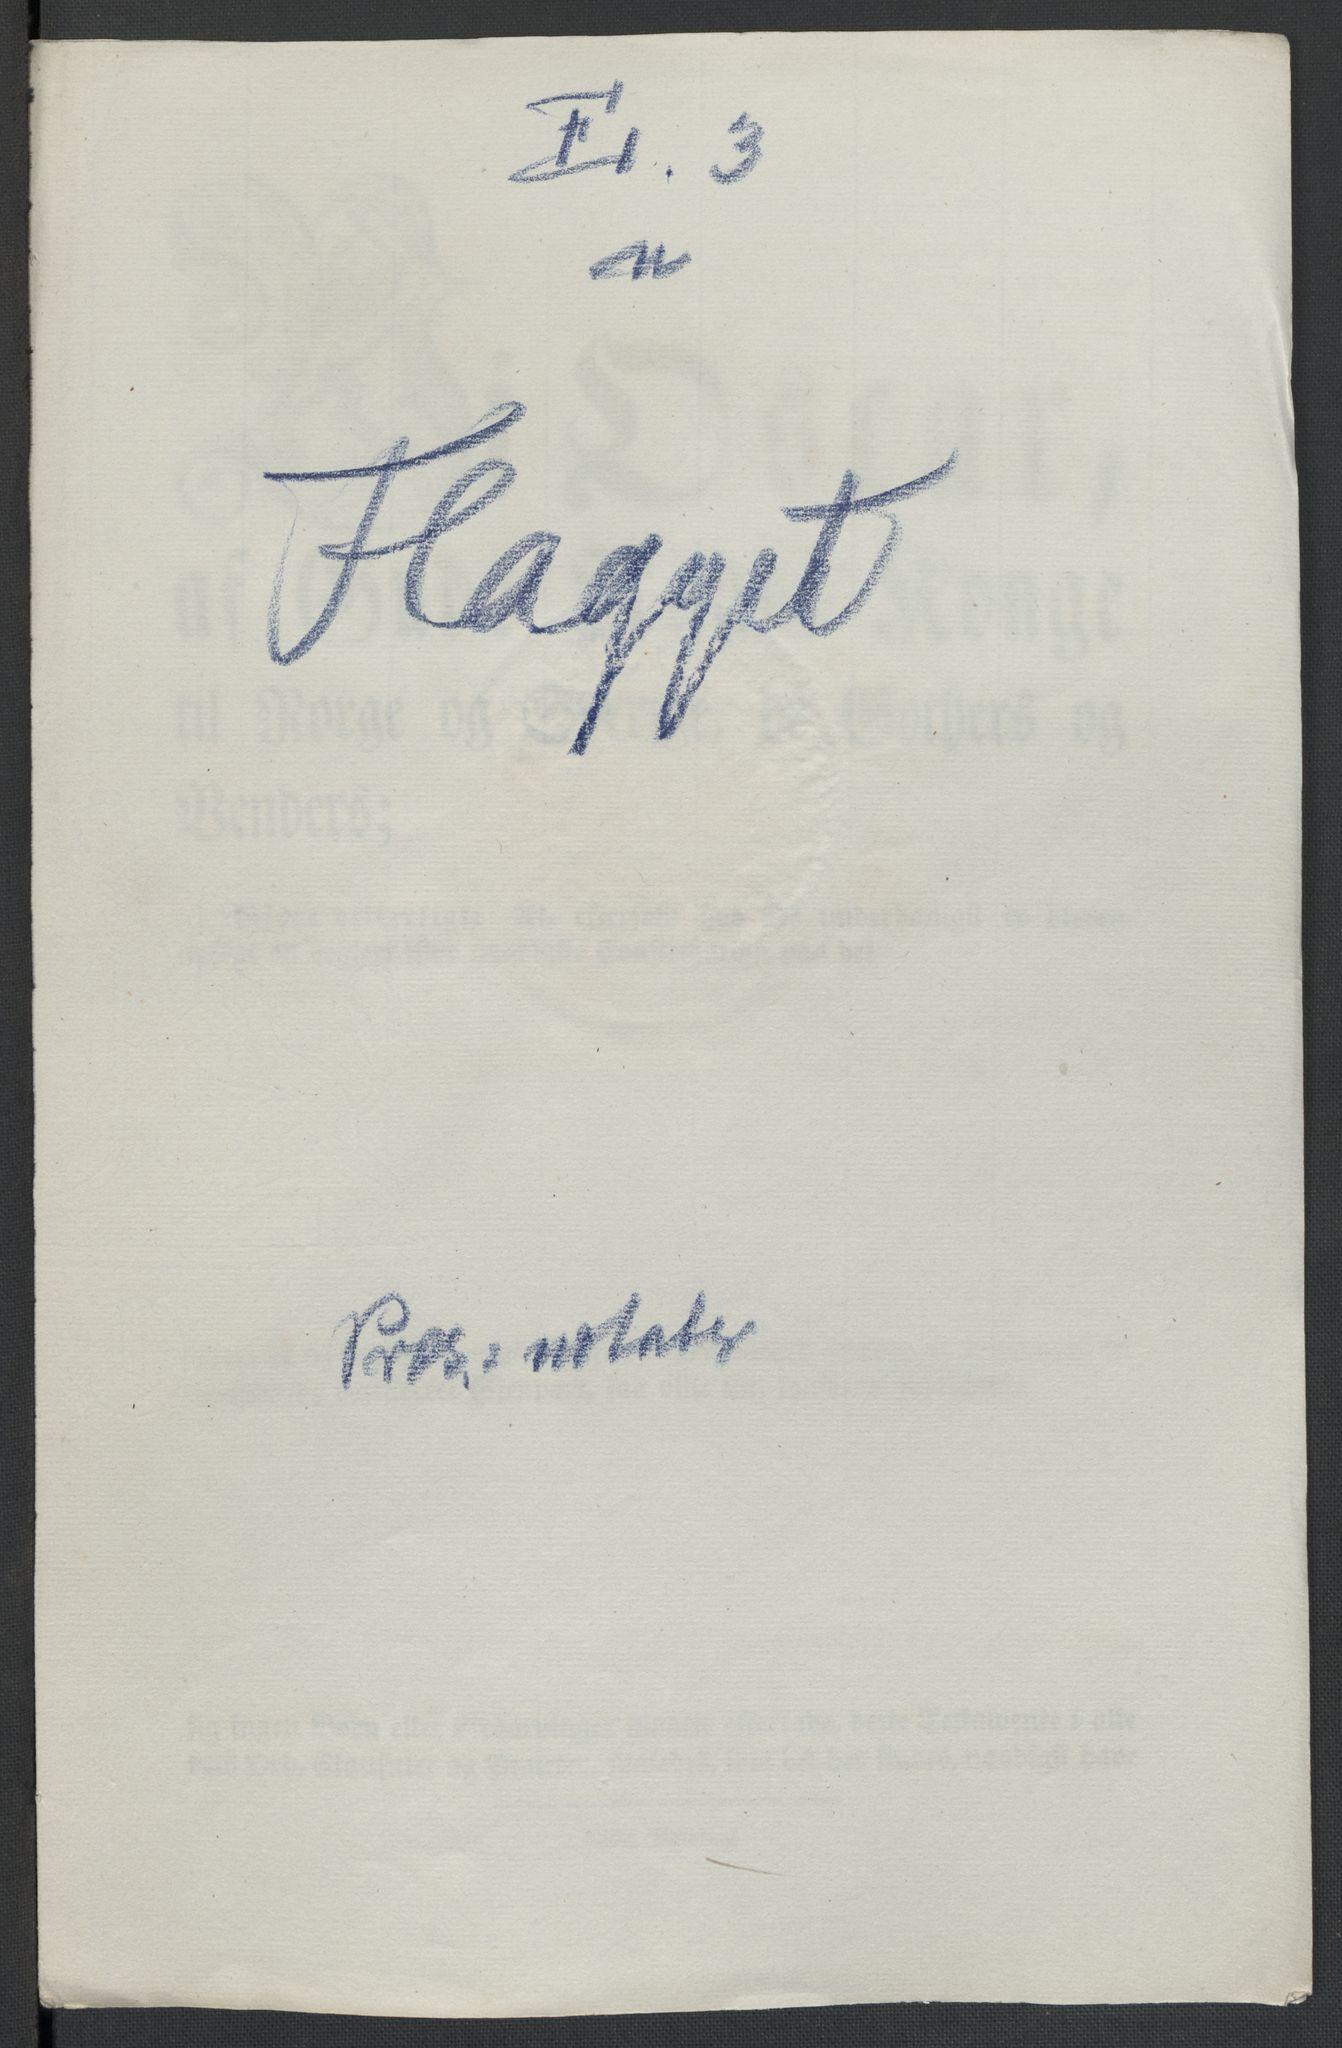 RA, Christie, Wilhelm Frimann Koren, F/L0005, 1815-1816, s. 272